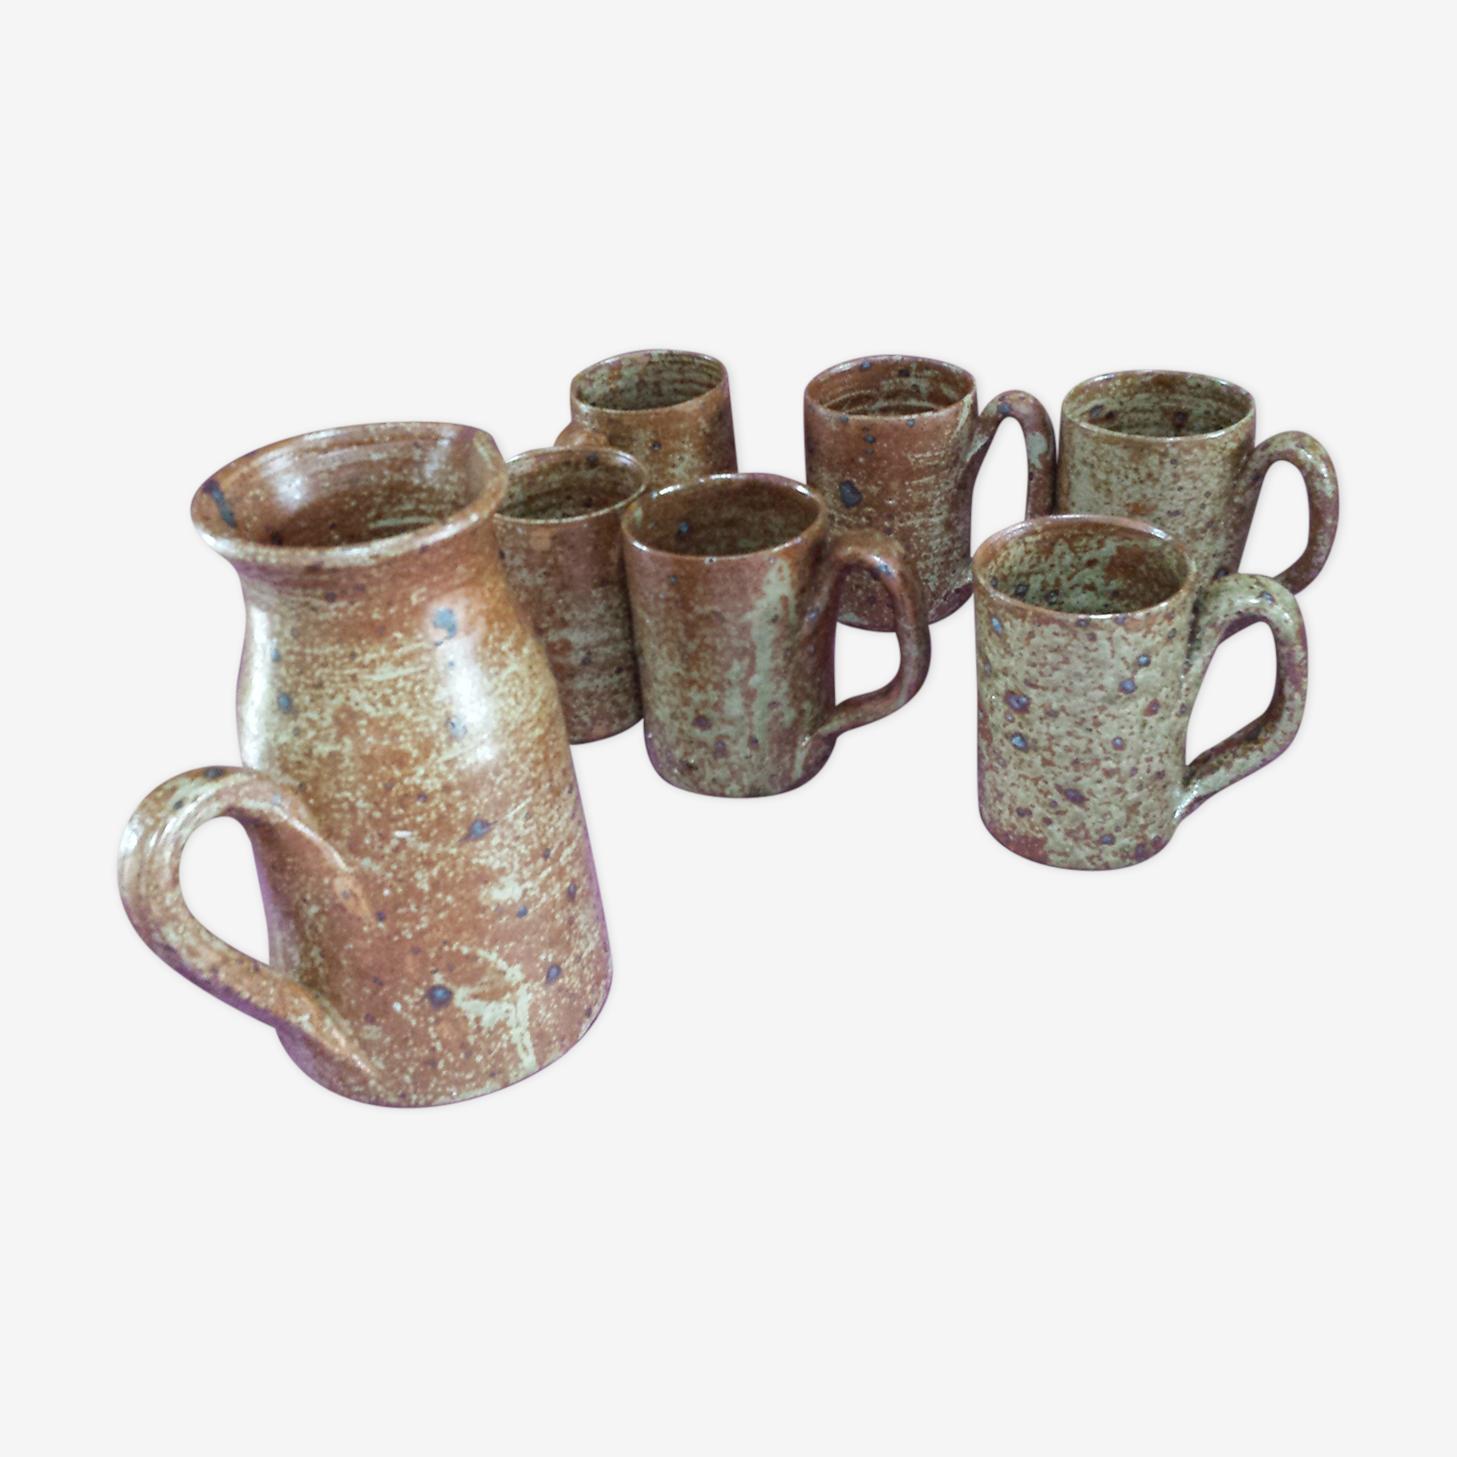 Mugs-mugs and pitcher gross stoneware  1980